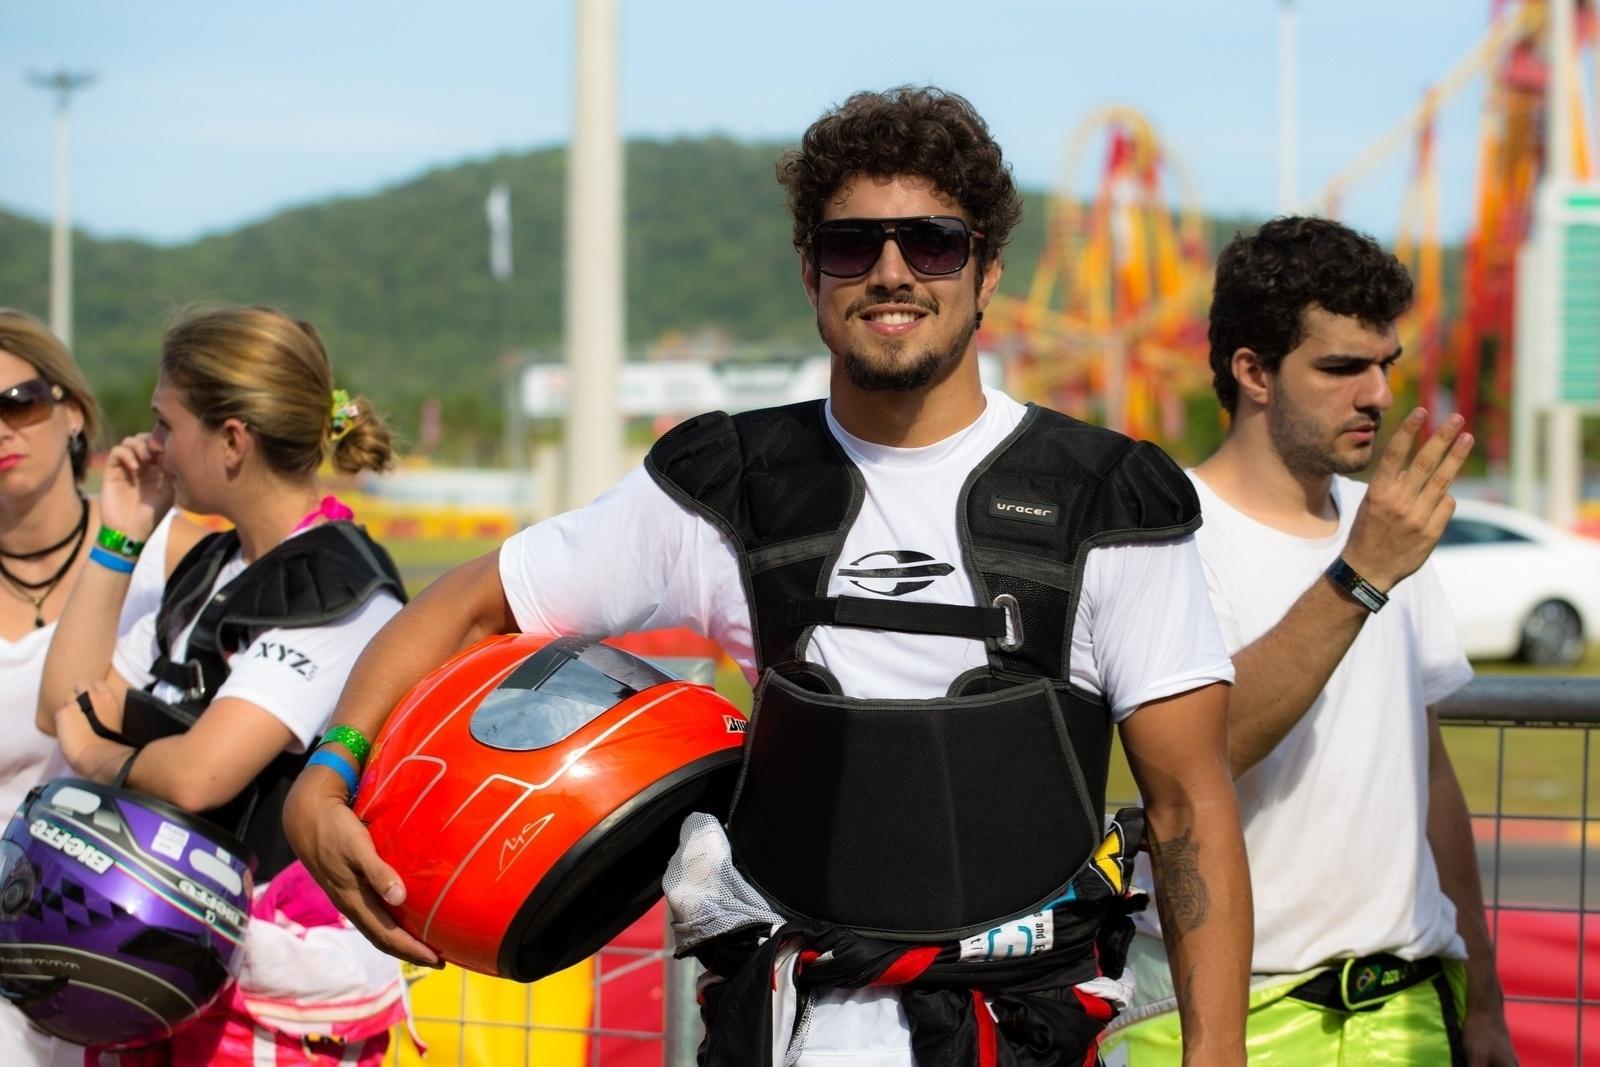 11.jan.2014 - Ator Caio Castro faz graça antes do Kart dos Artistas 2014, que ocorre em Penha (SC)